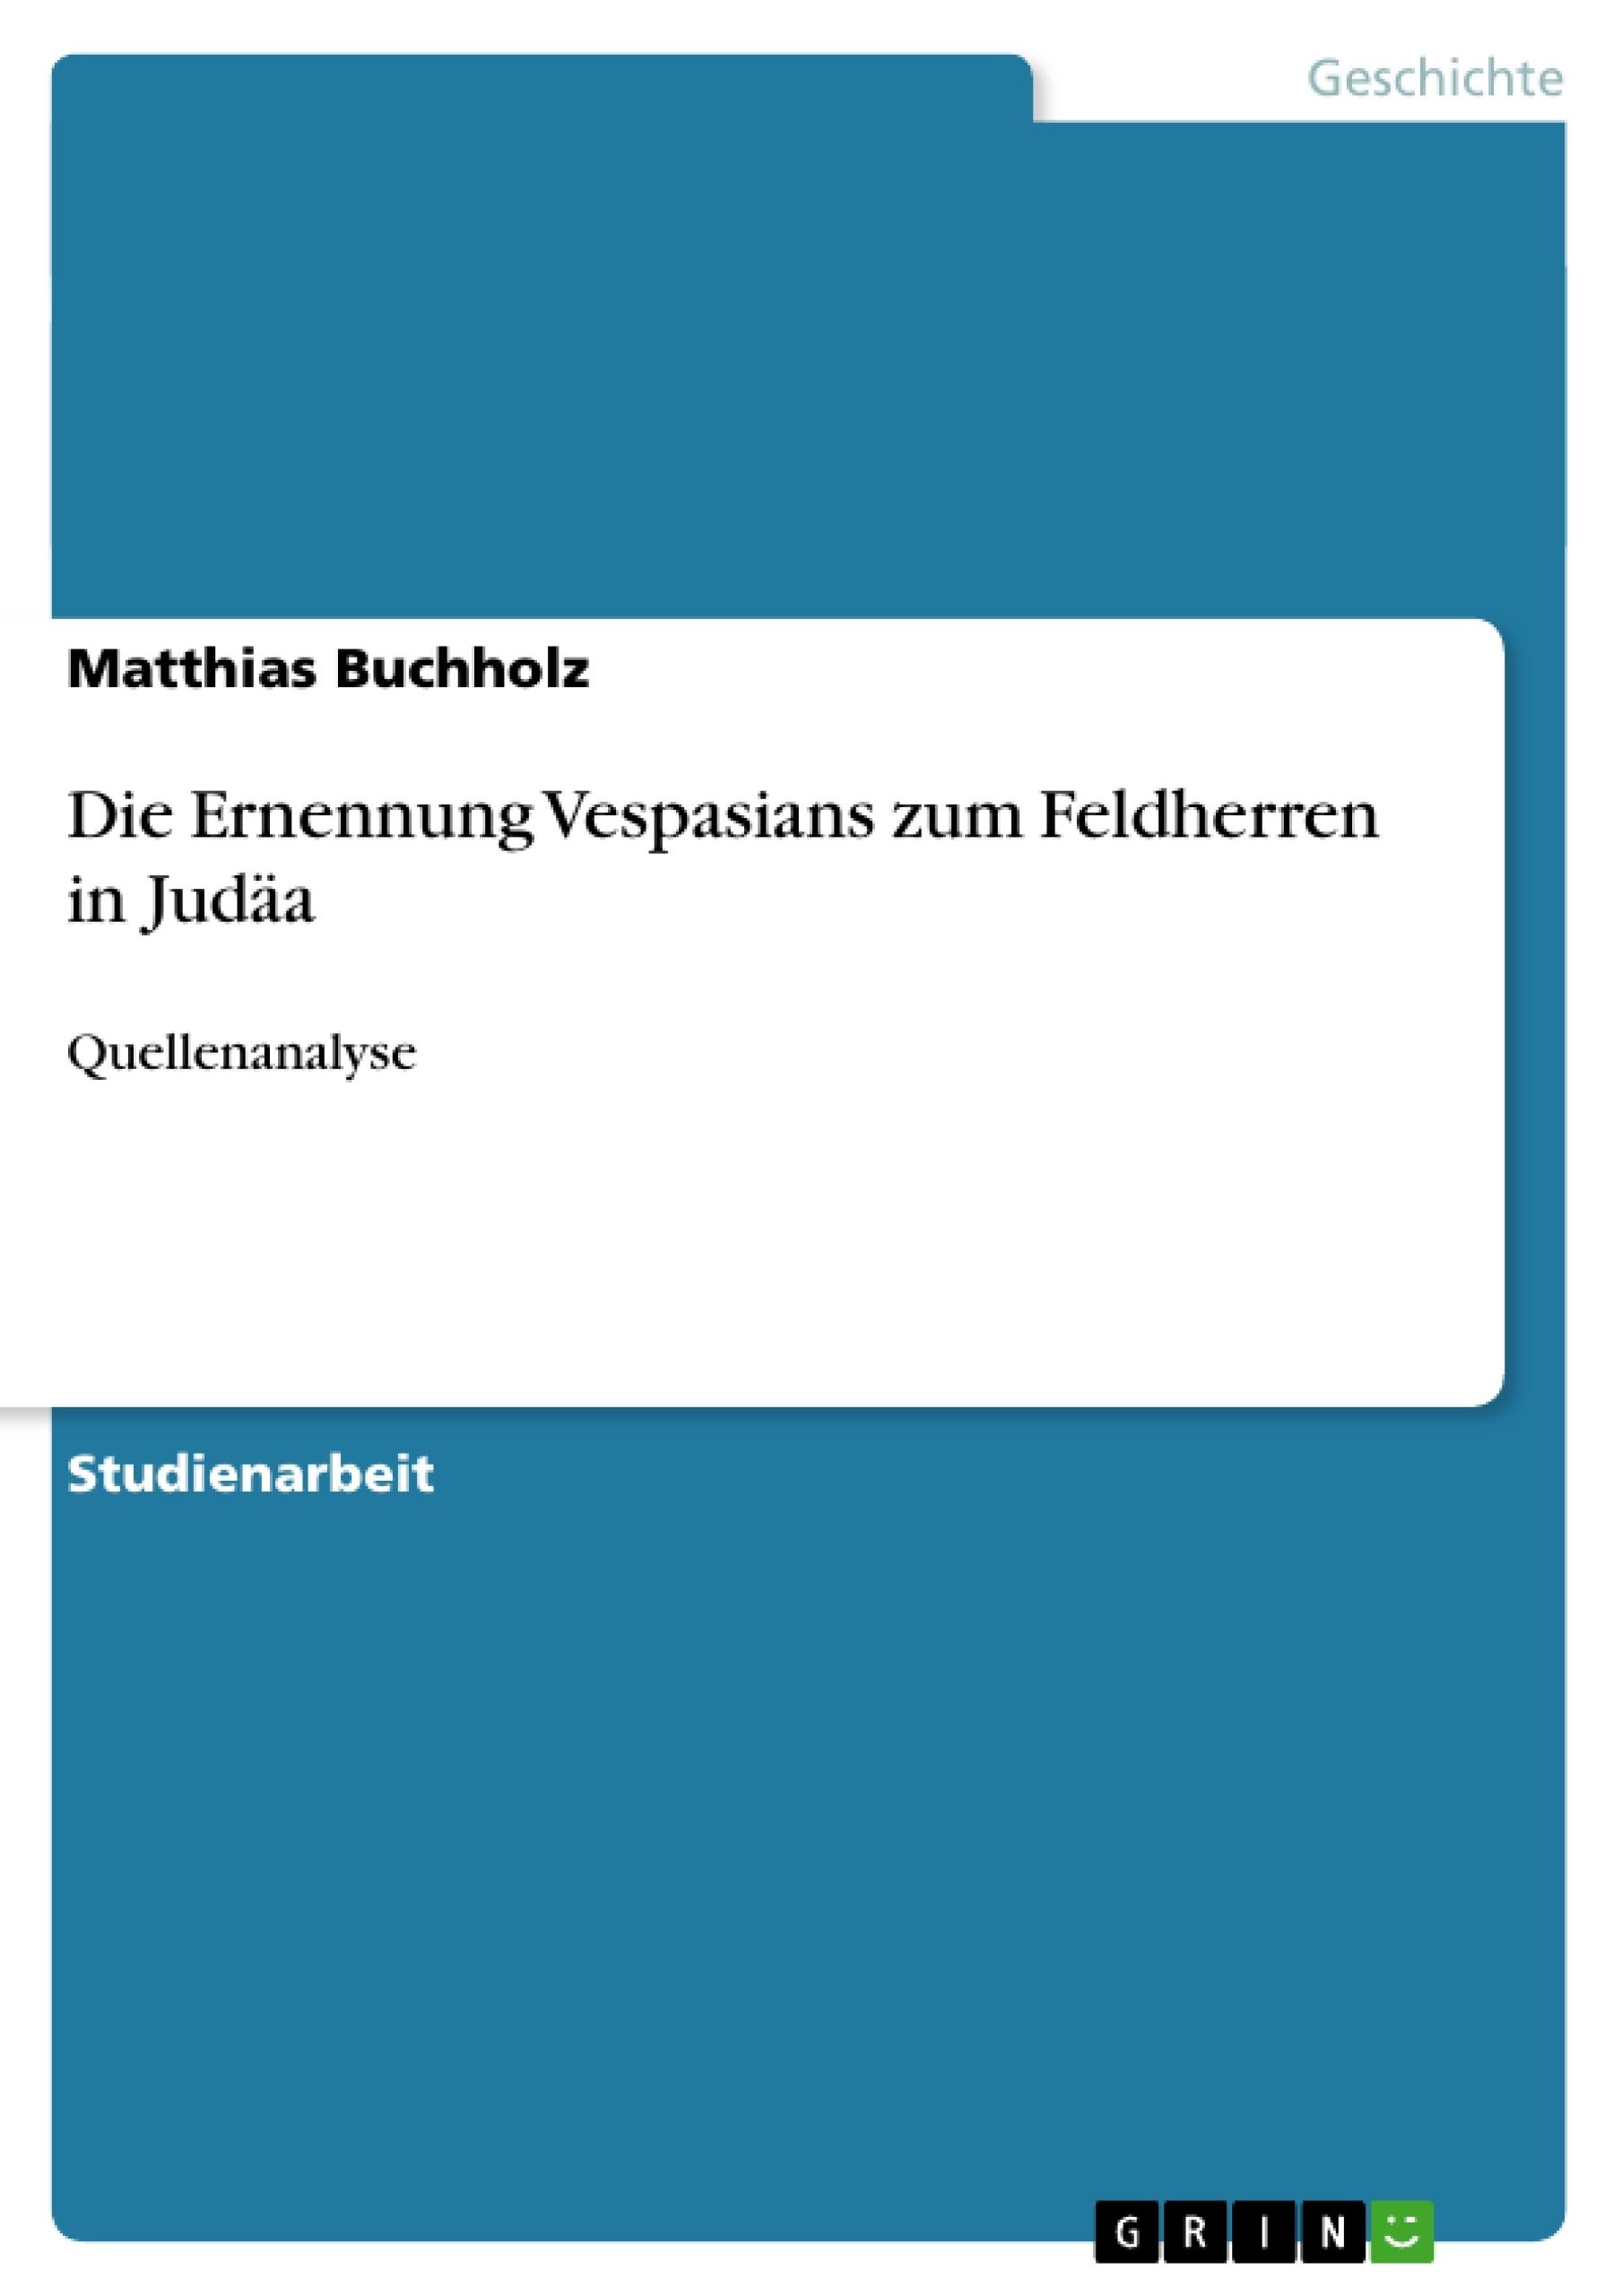 Titel: Die Ernennung Vespasians zum Feldherren in Judäa